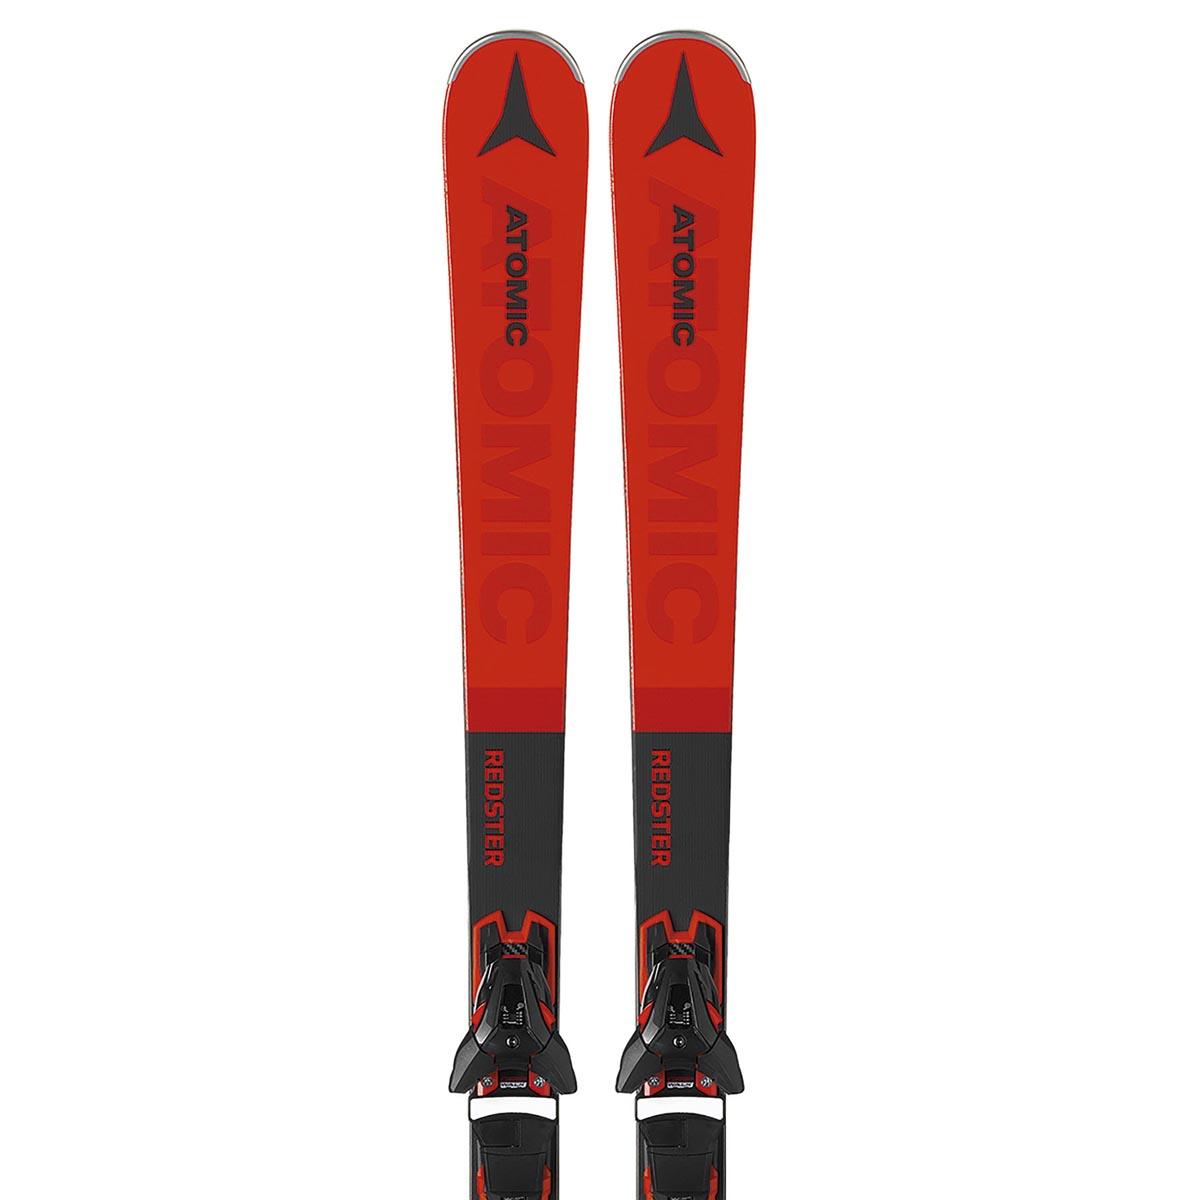 Комплект: лыжи + крепления REDSTER S7 + FT 12 GW